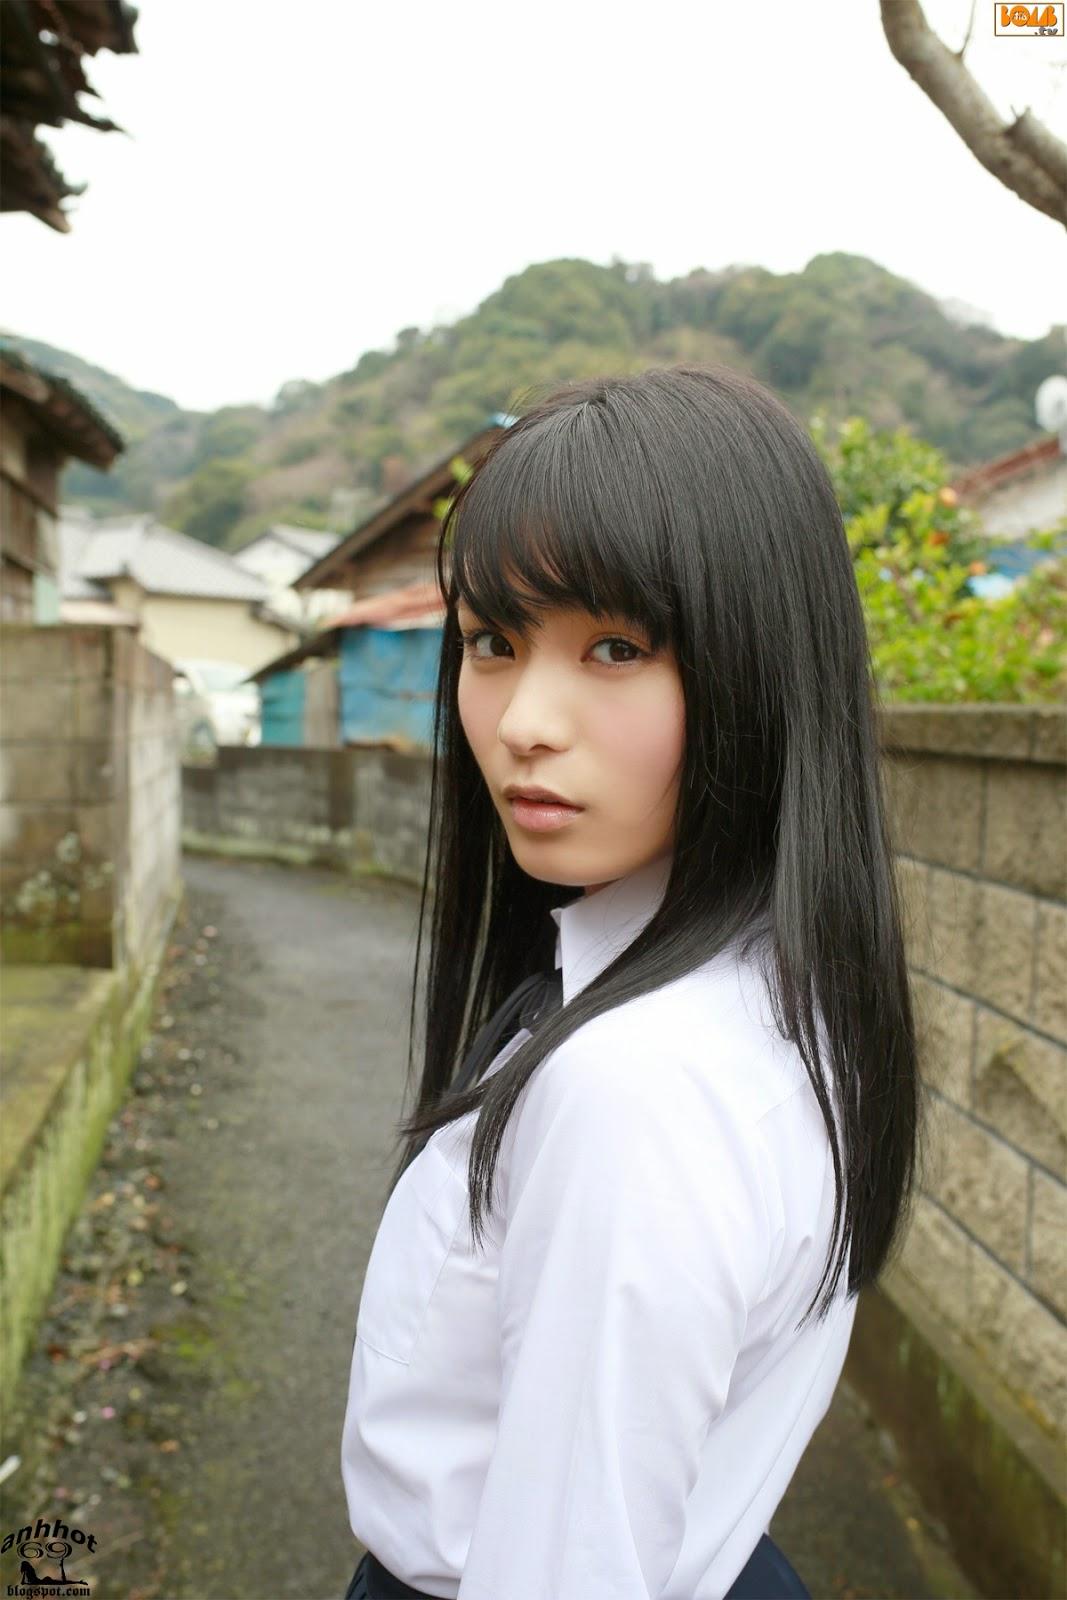 mizuki-hoshina-02127818